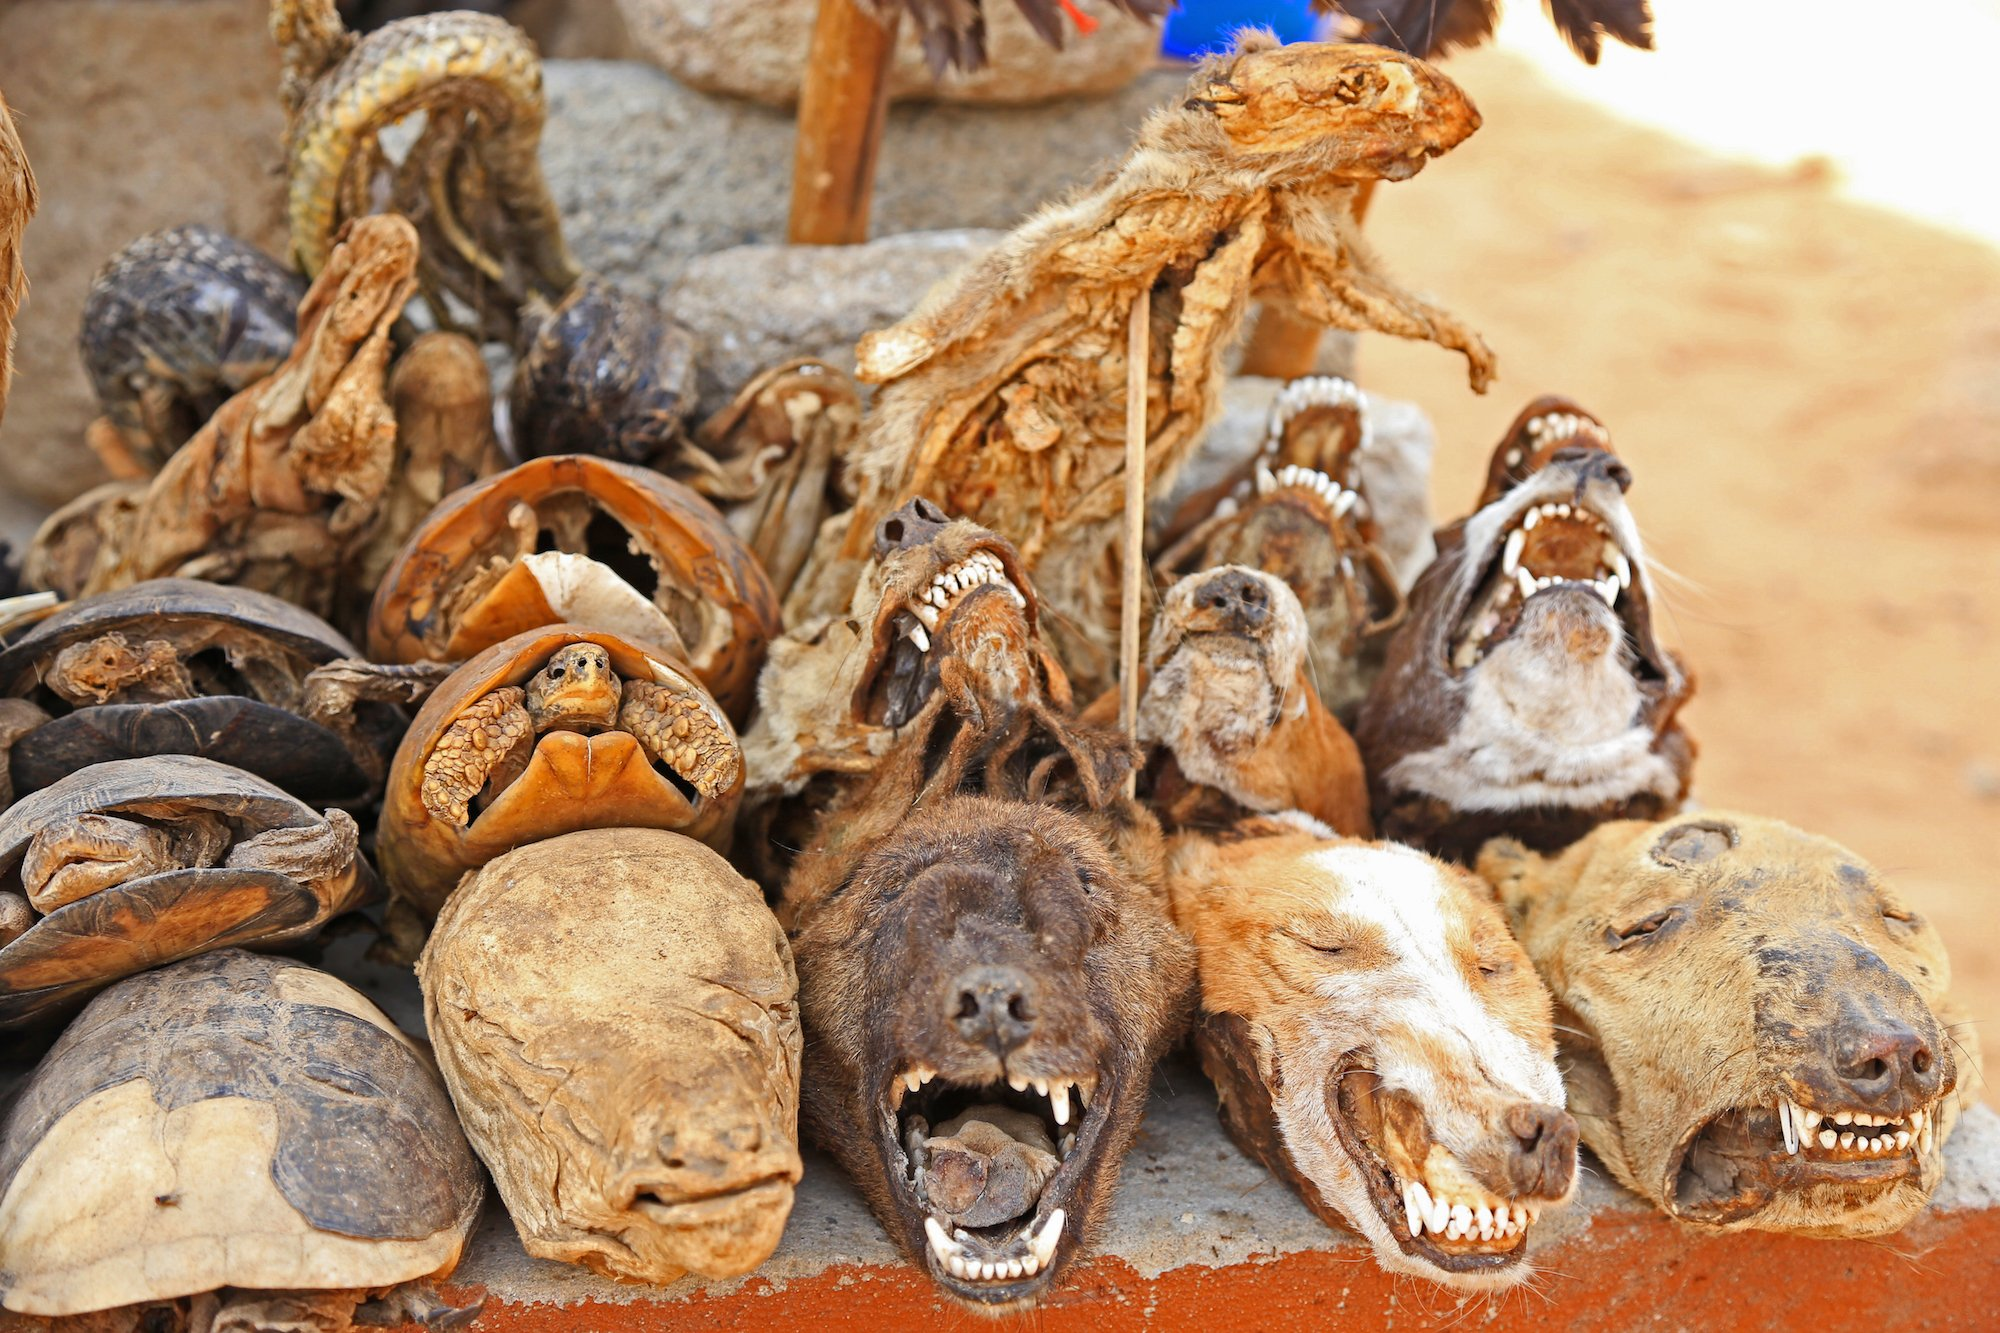 popular shrines in benin. www.eremmel.com